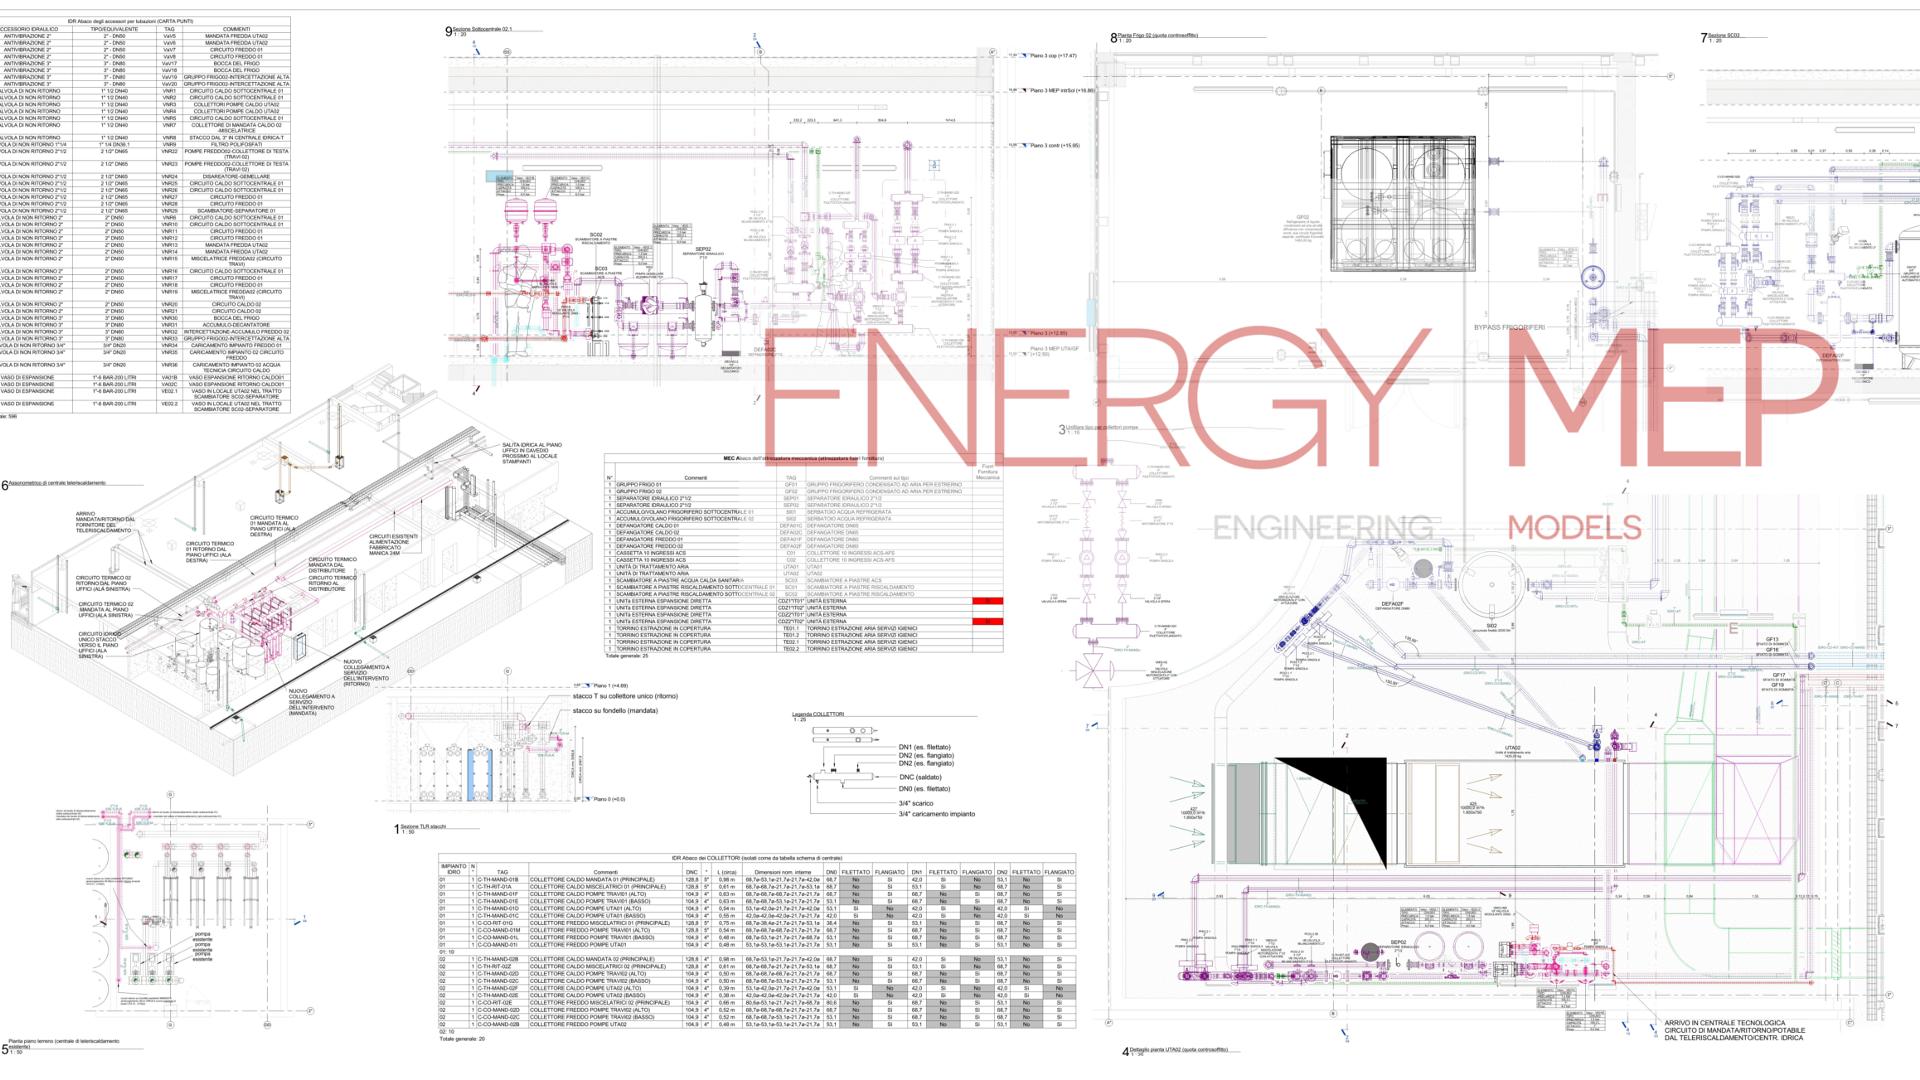 ENERGYMEP